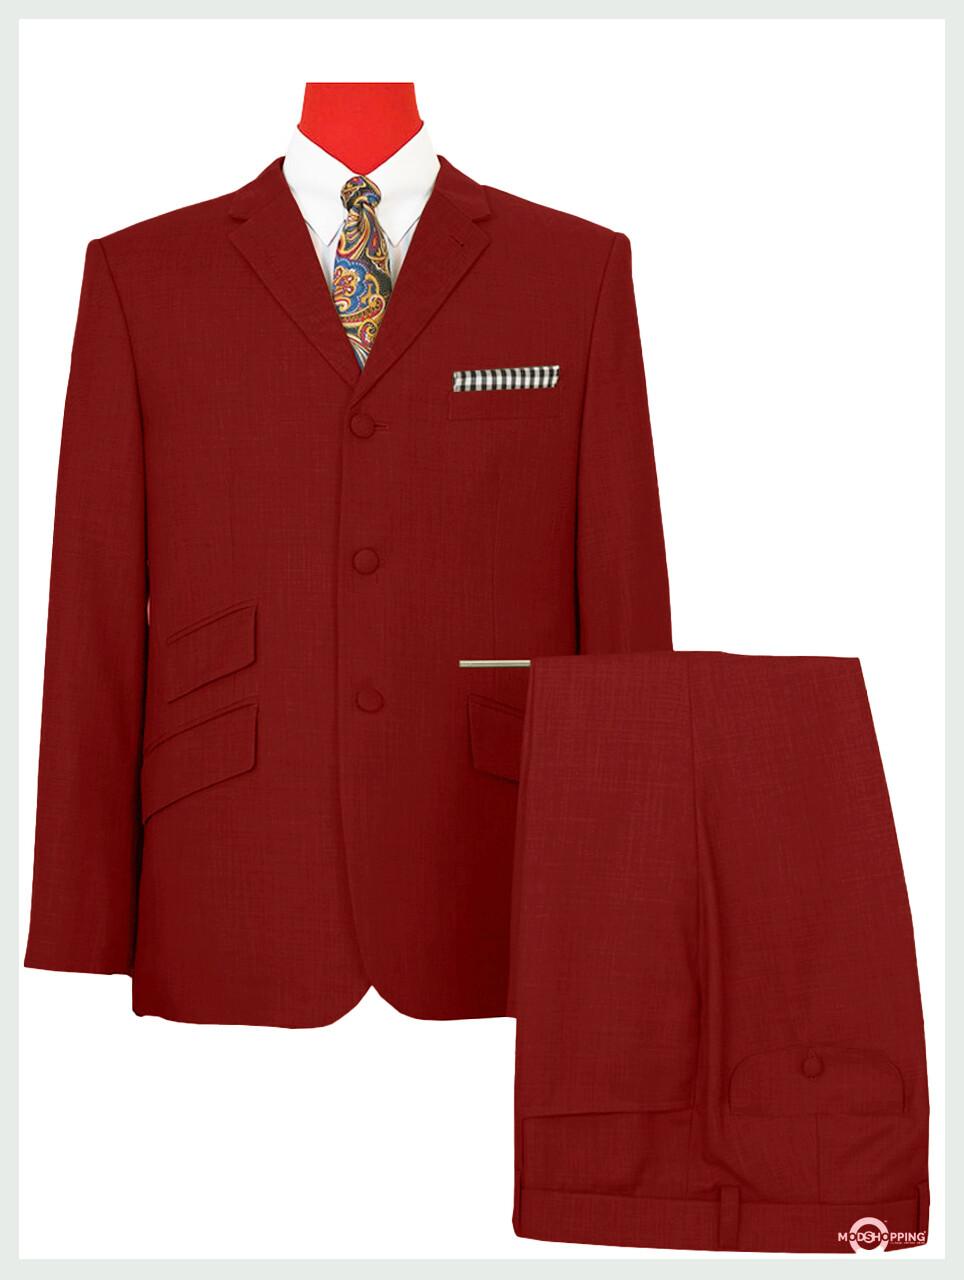 Mod Suit   Red Plain Color 3 Button Suit